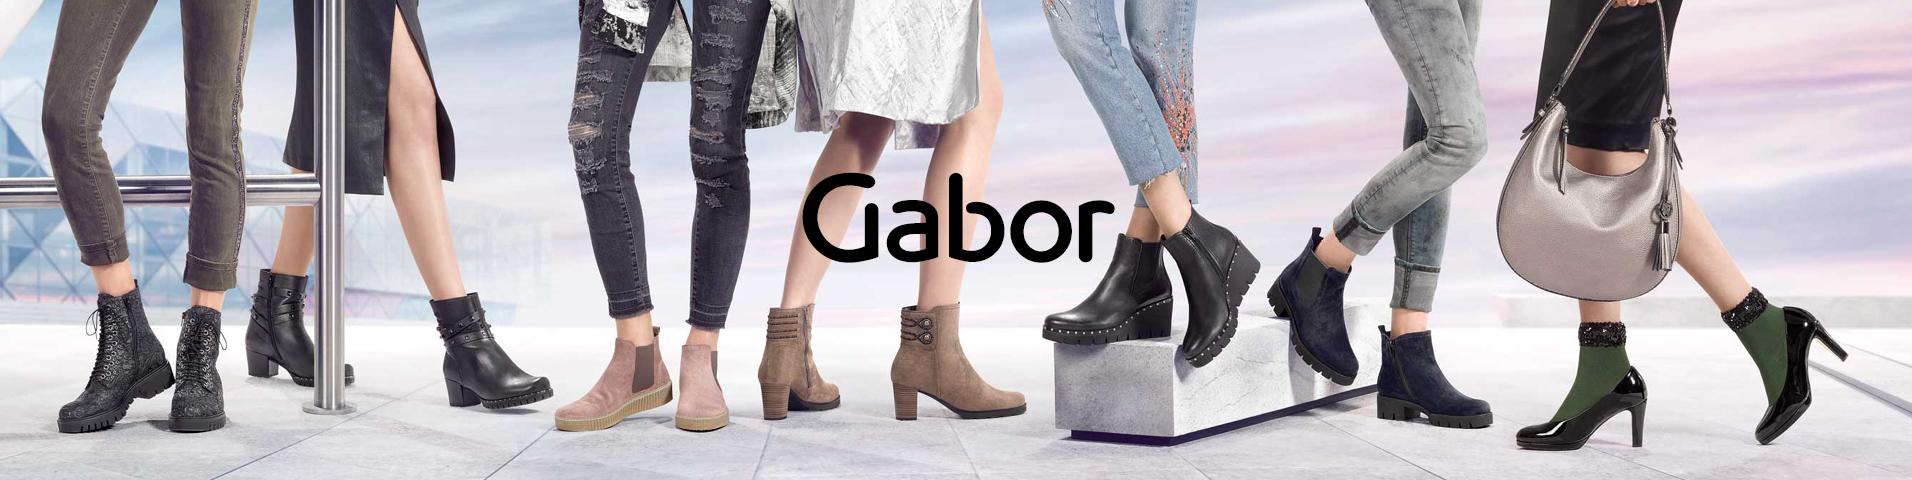 1625989a3d52 Gabor Schuhe online kaufen   Upgrade für deinen Schuhschrank   ZALANDO